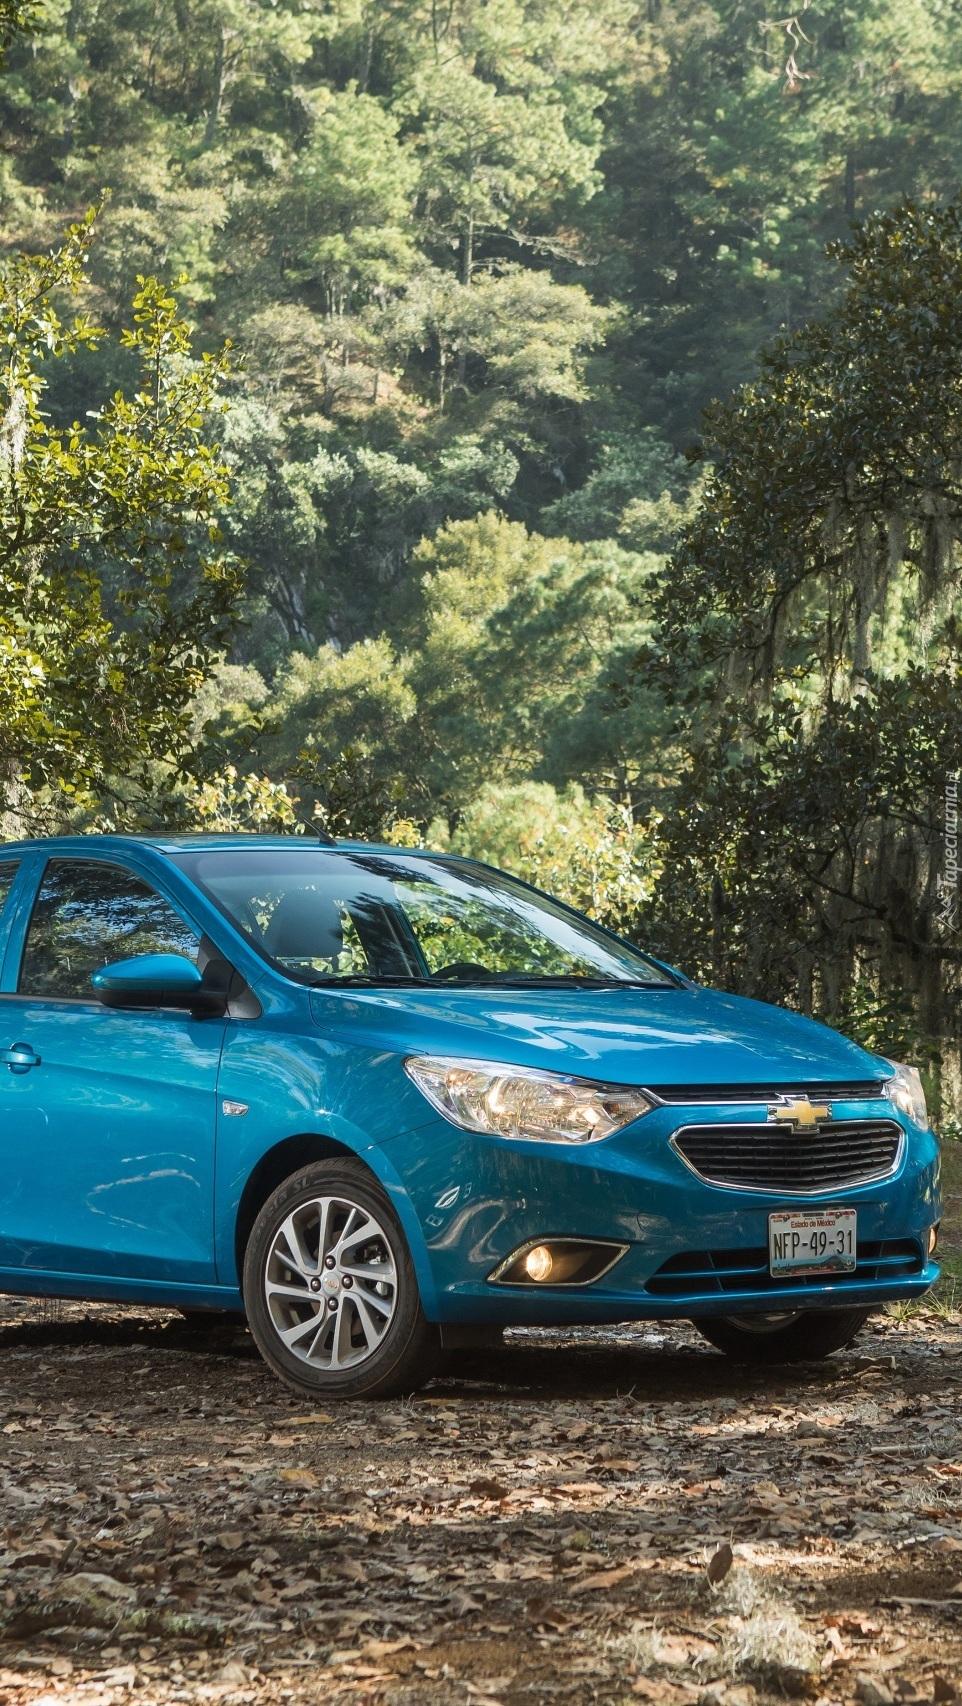 Chevrolet Aveo przy drzewach